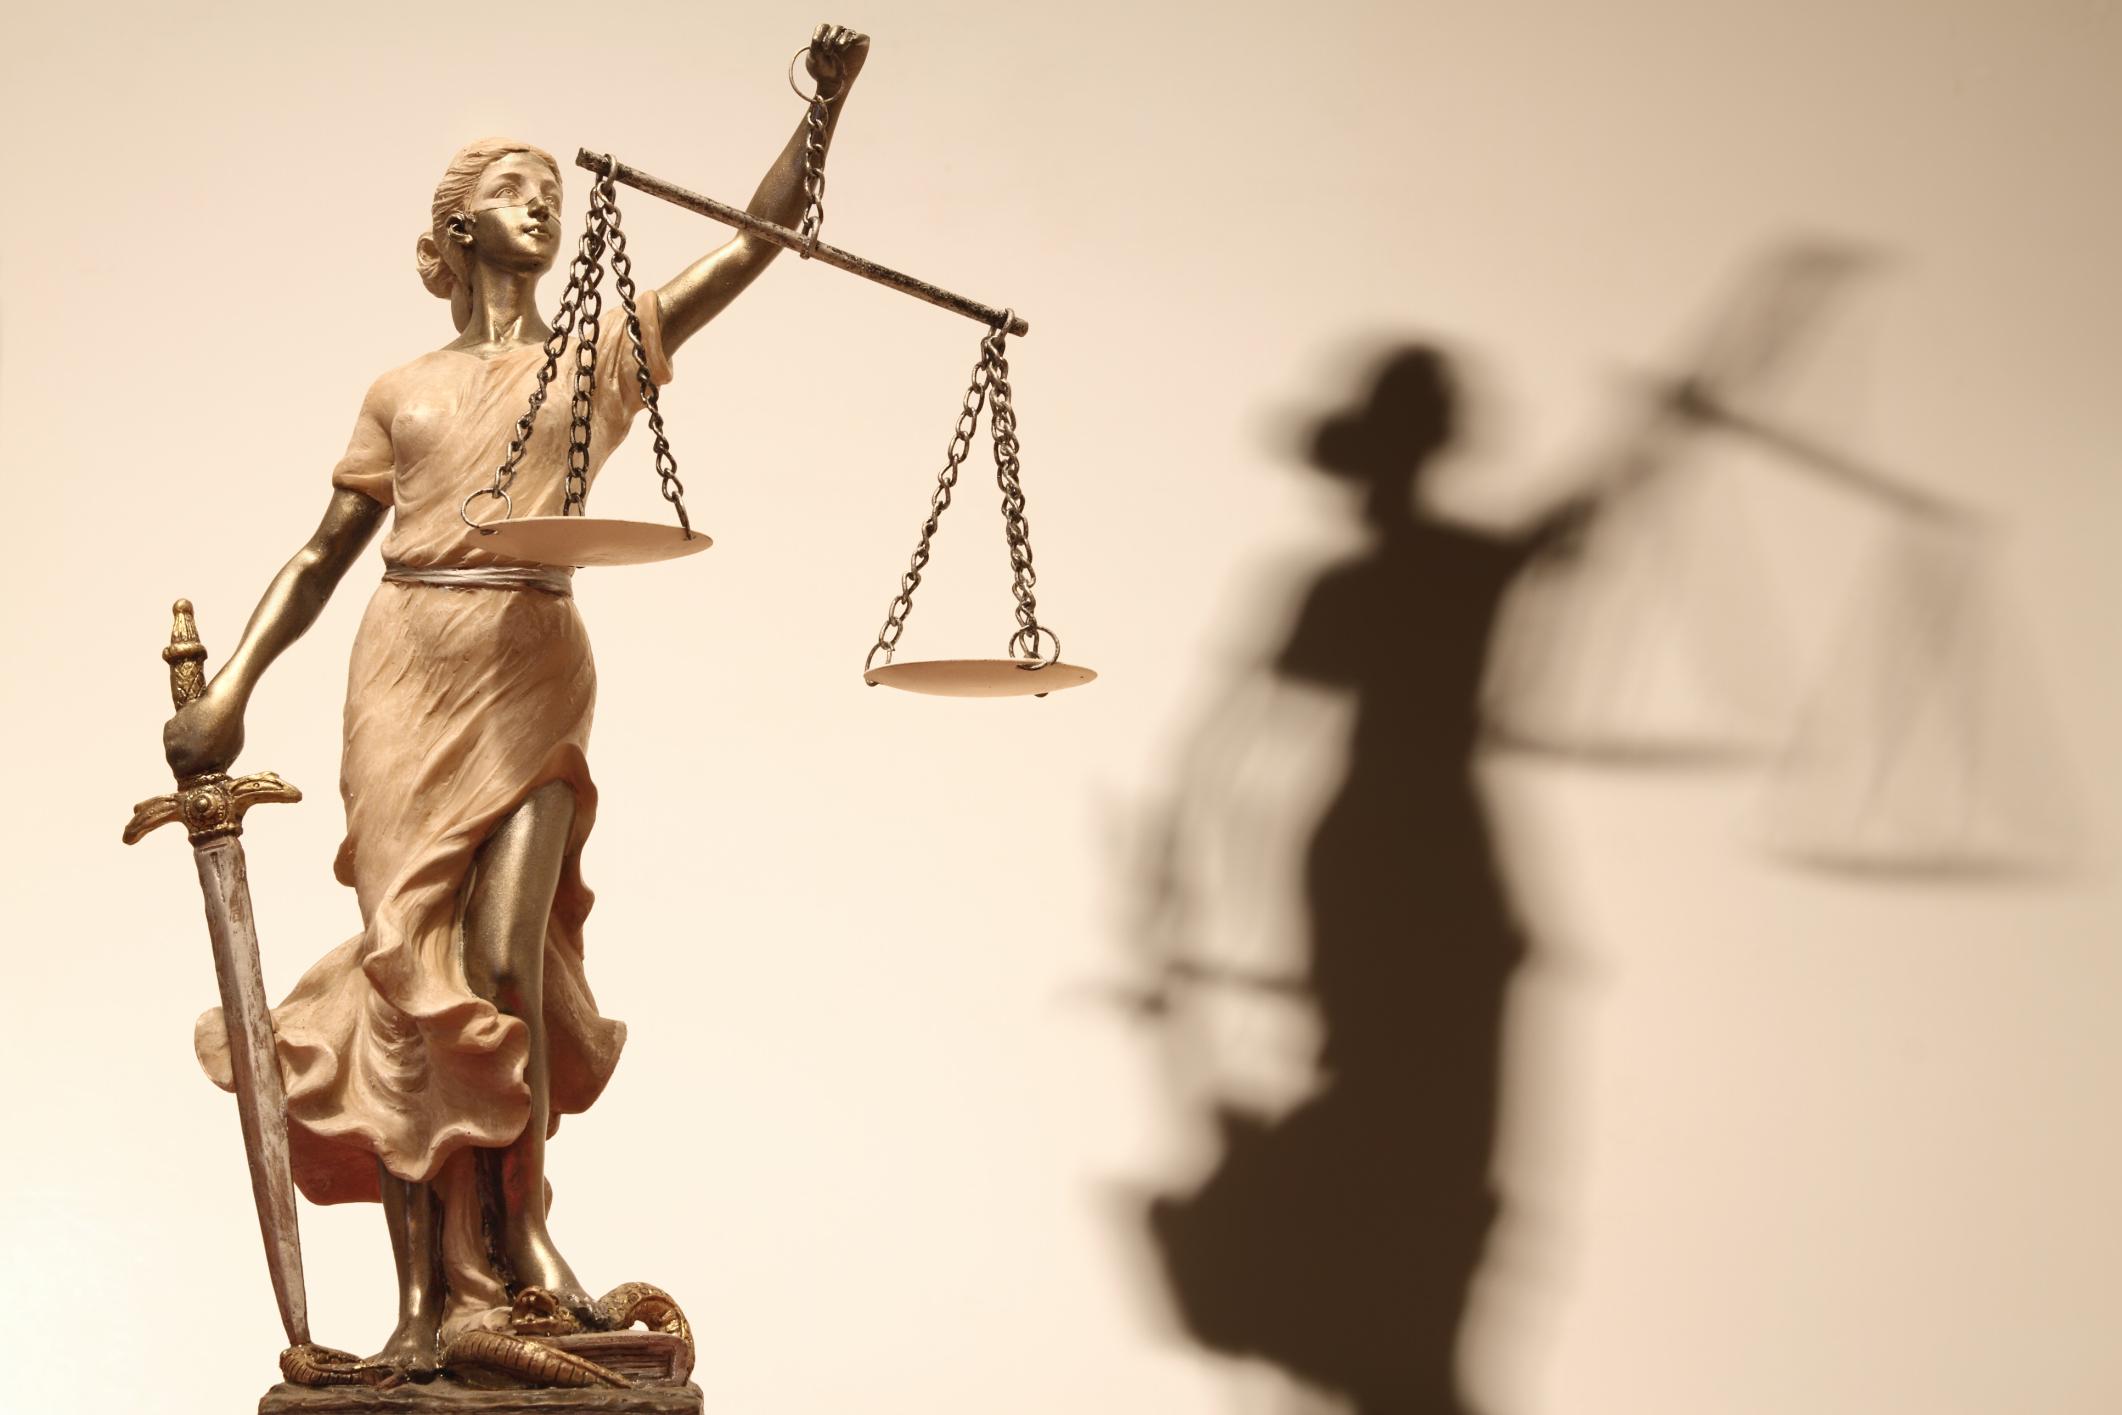 """L'incomprensibile impossibilità del """"simultaneus processus"""" in caso di separazione e divorzio"""